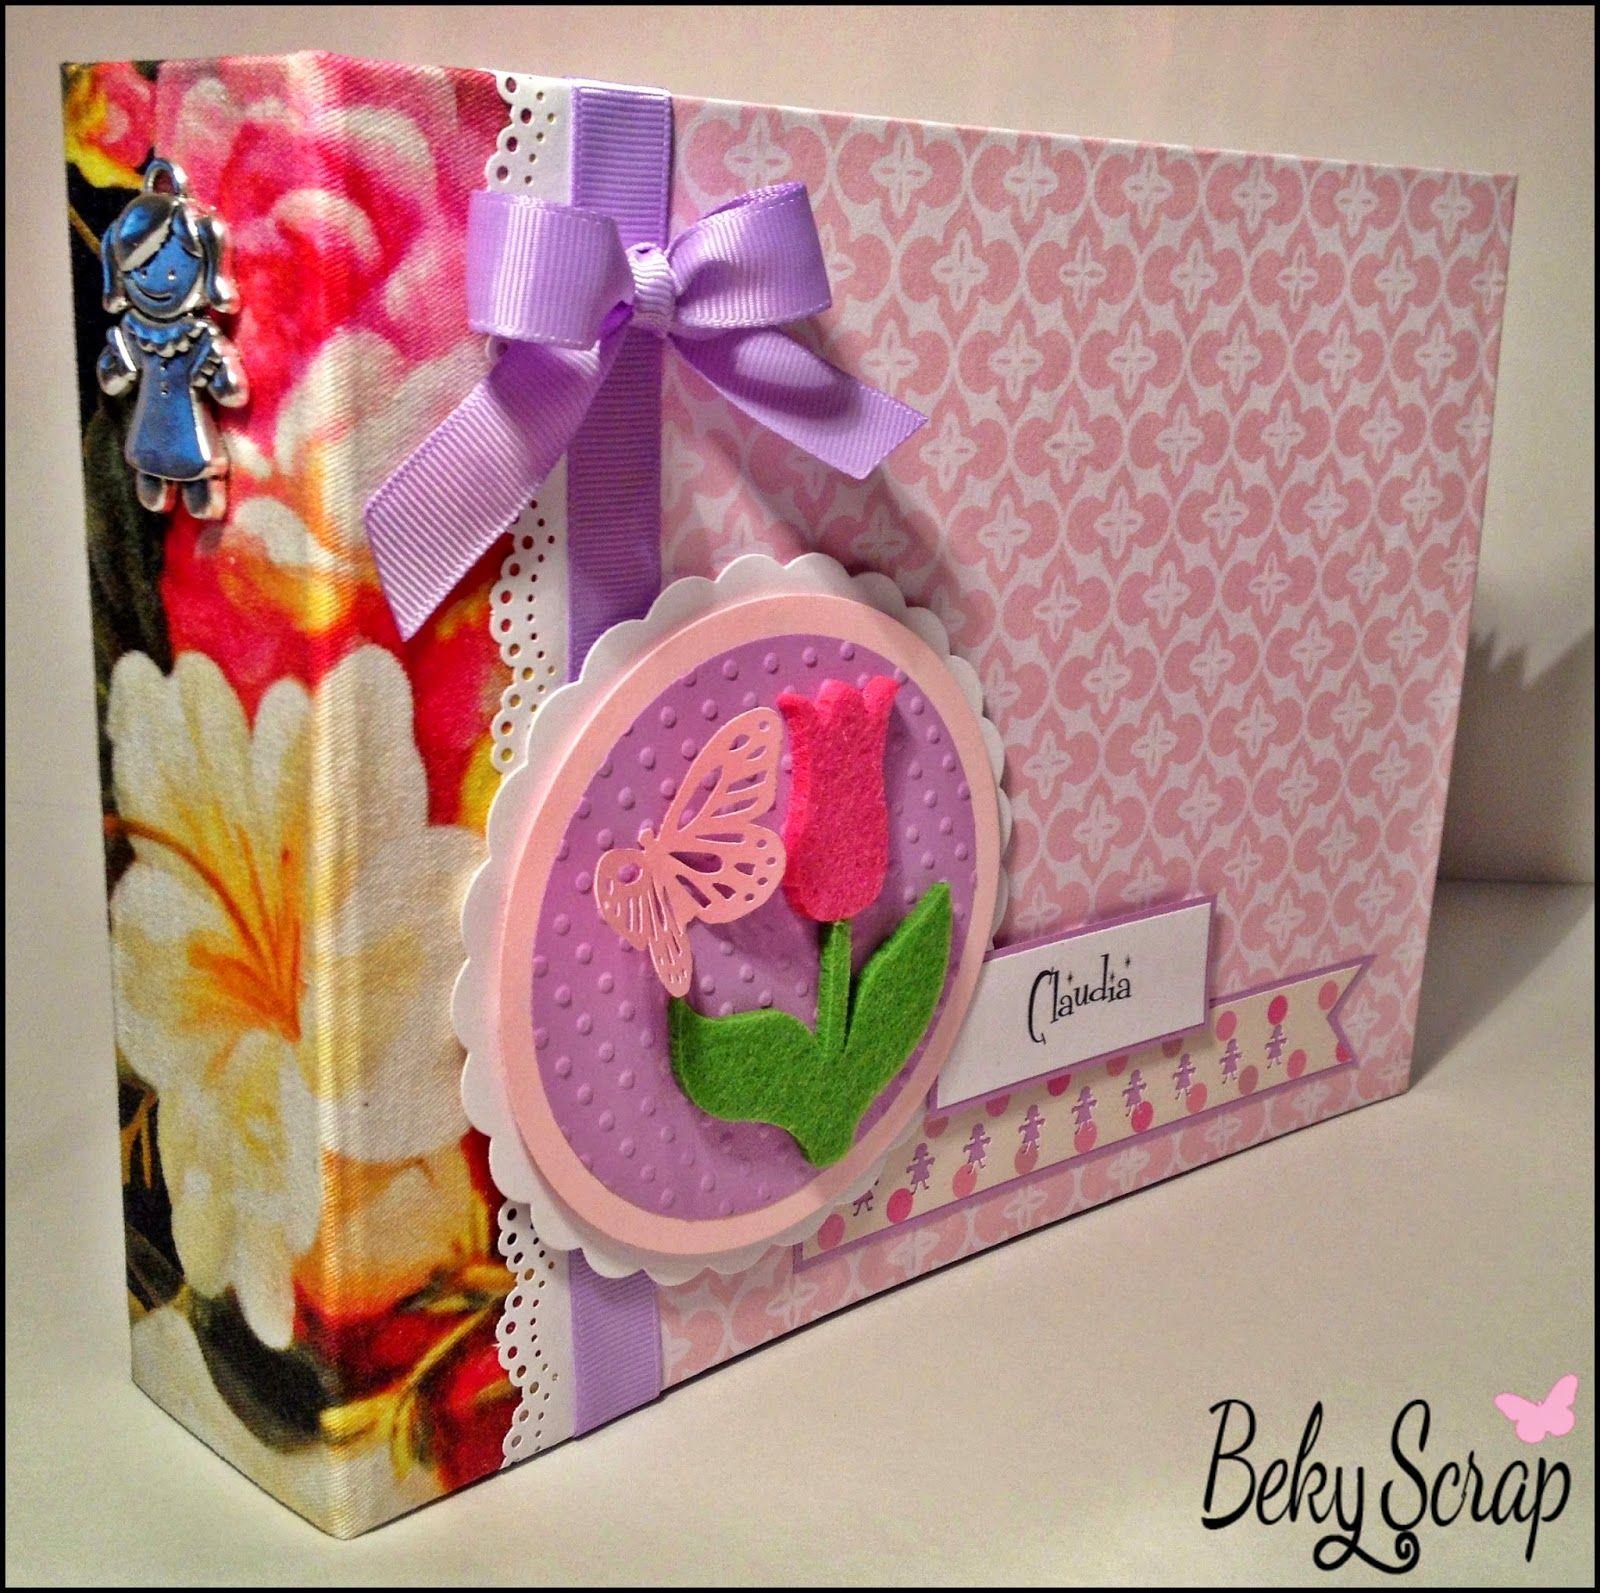 Álbum Scrapbooking recién nacido para sesión fotográfica para fotos 15x20 cm / 6 hojas con bolsillos / 24 fotos. Más información bekyscrap@gmail.com